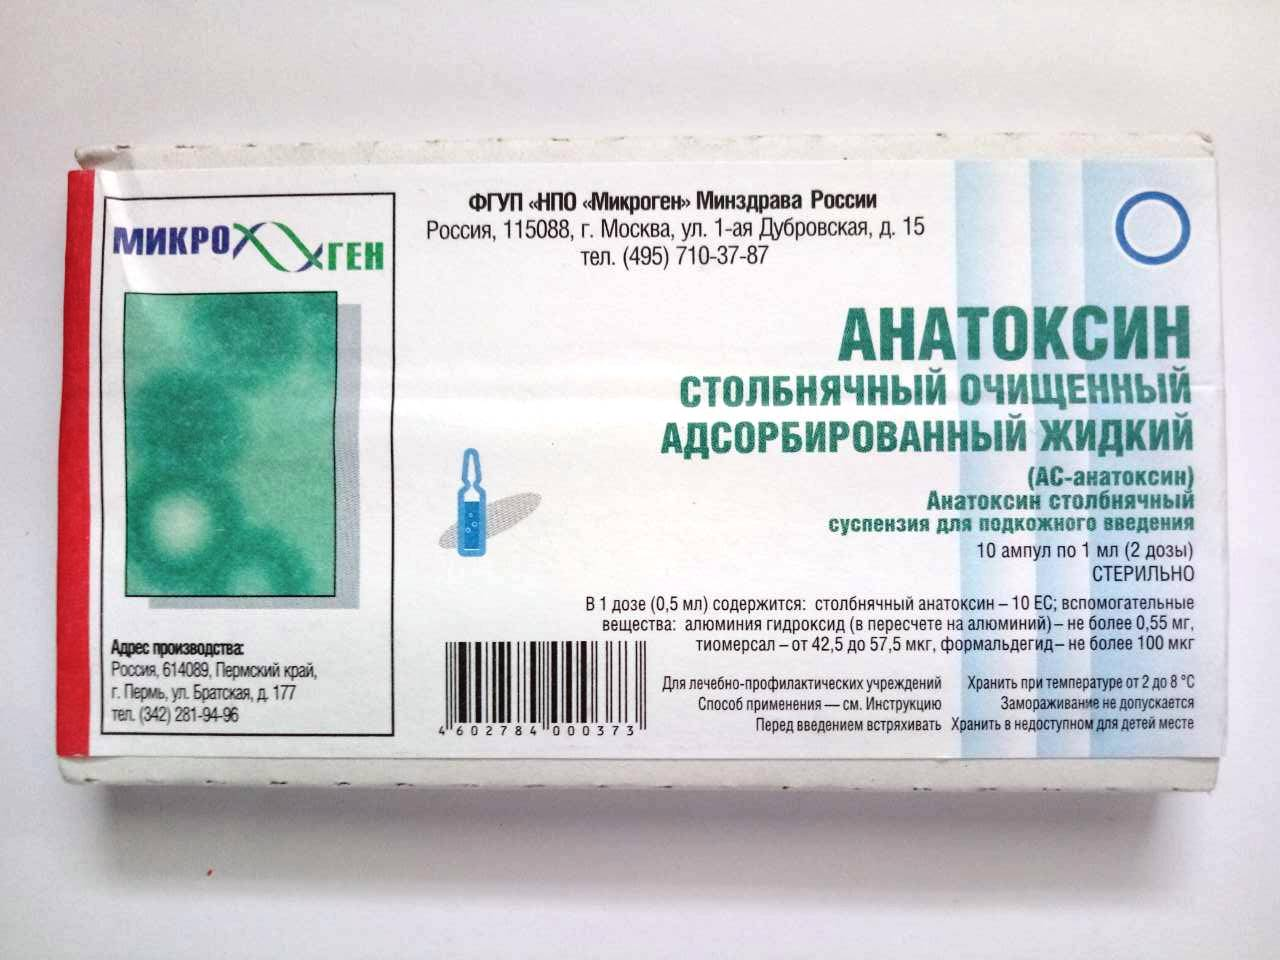 Инструкция по применению иммуноглобулина человека противостолбнячного